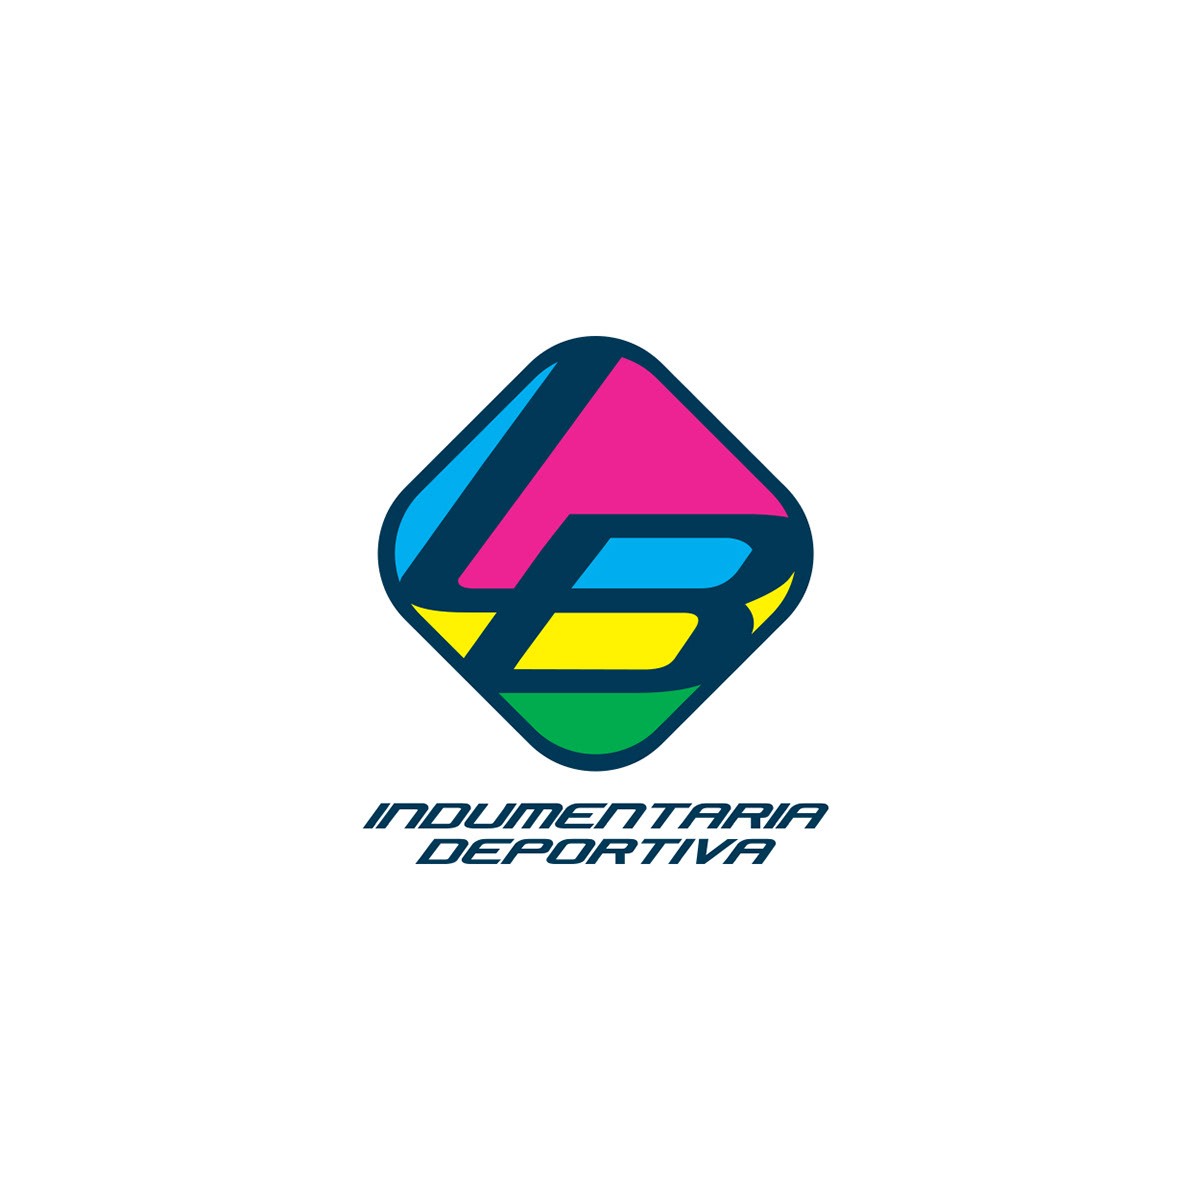 branding  diseño gráfico graphic design  identity logo Logotipo marca sistema de identidad